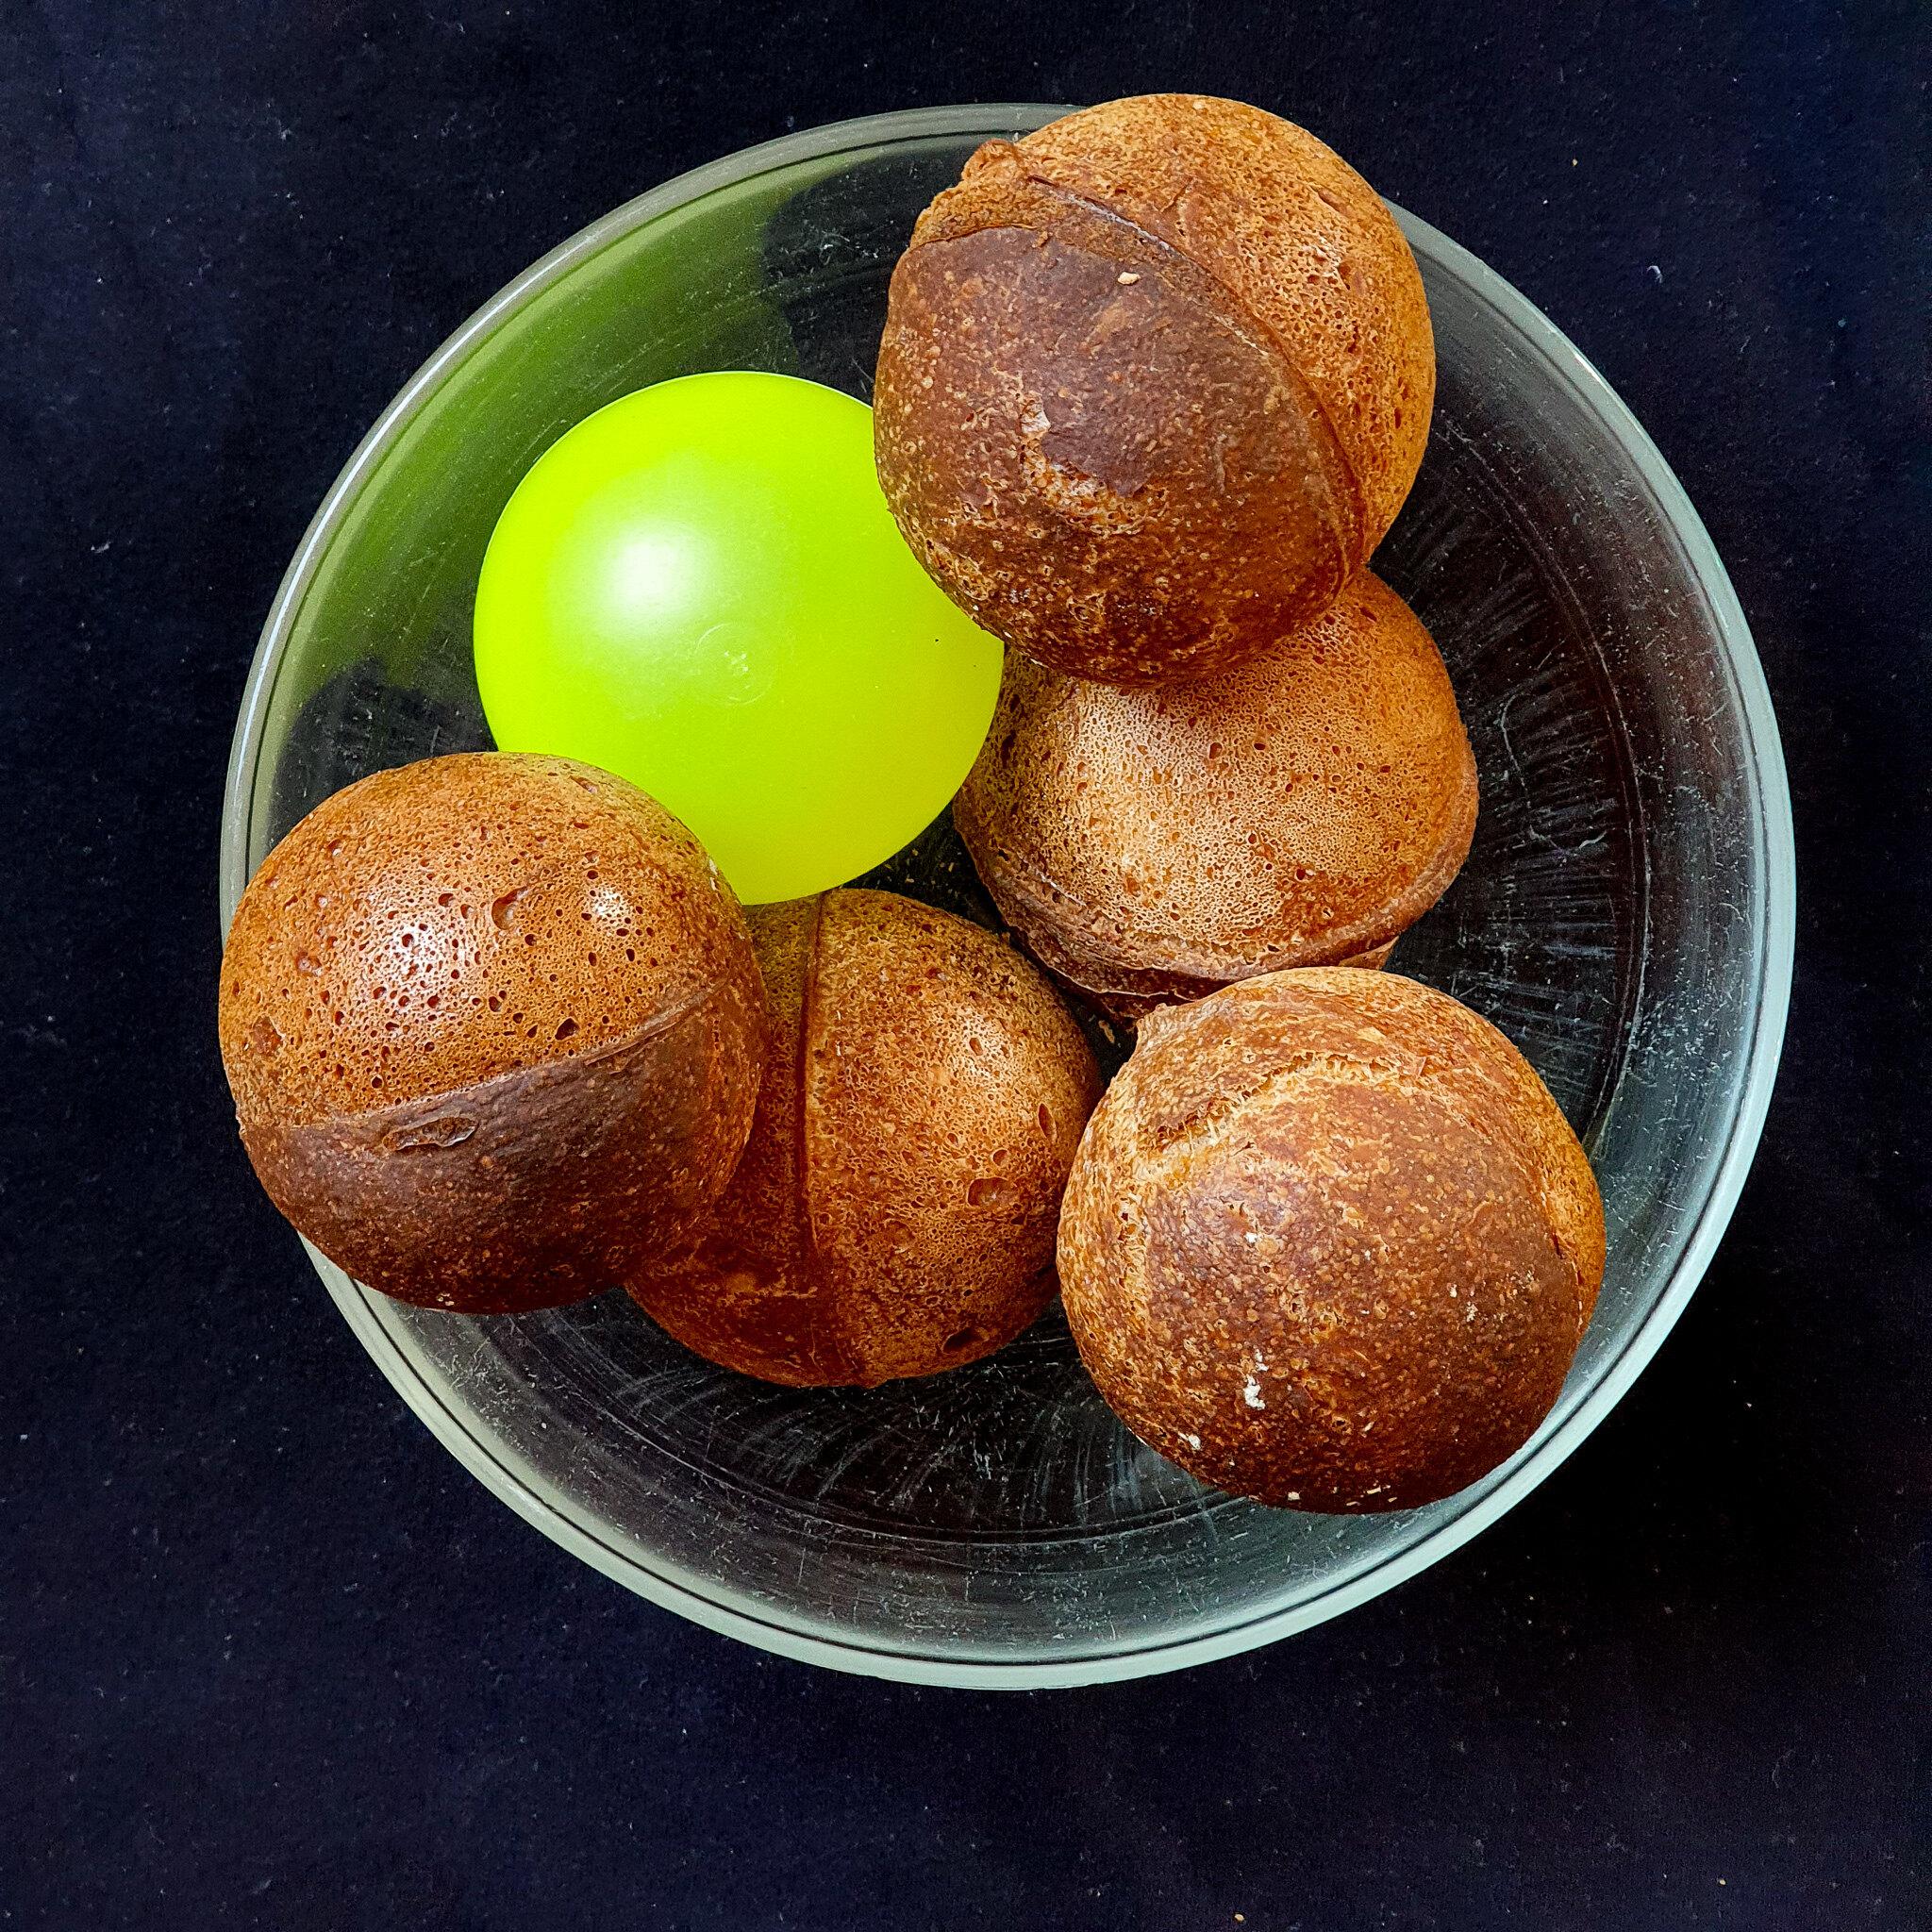 Boules de pain 20200125_121618